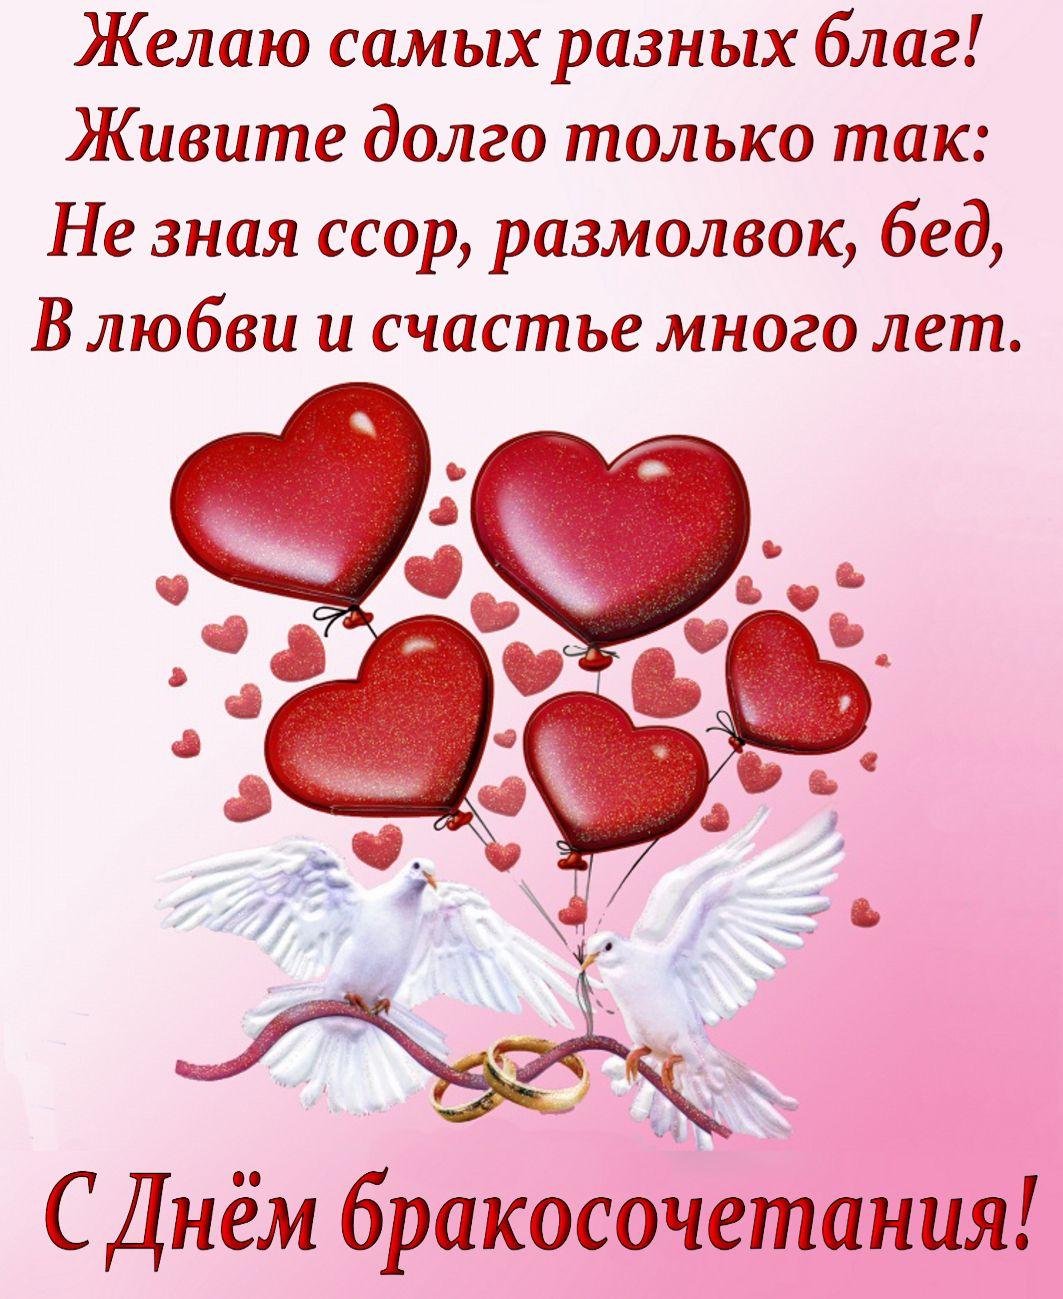 открытка - голуби с сердечками на День бракосочетания